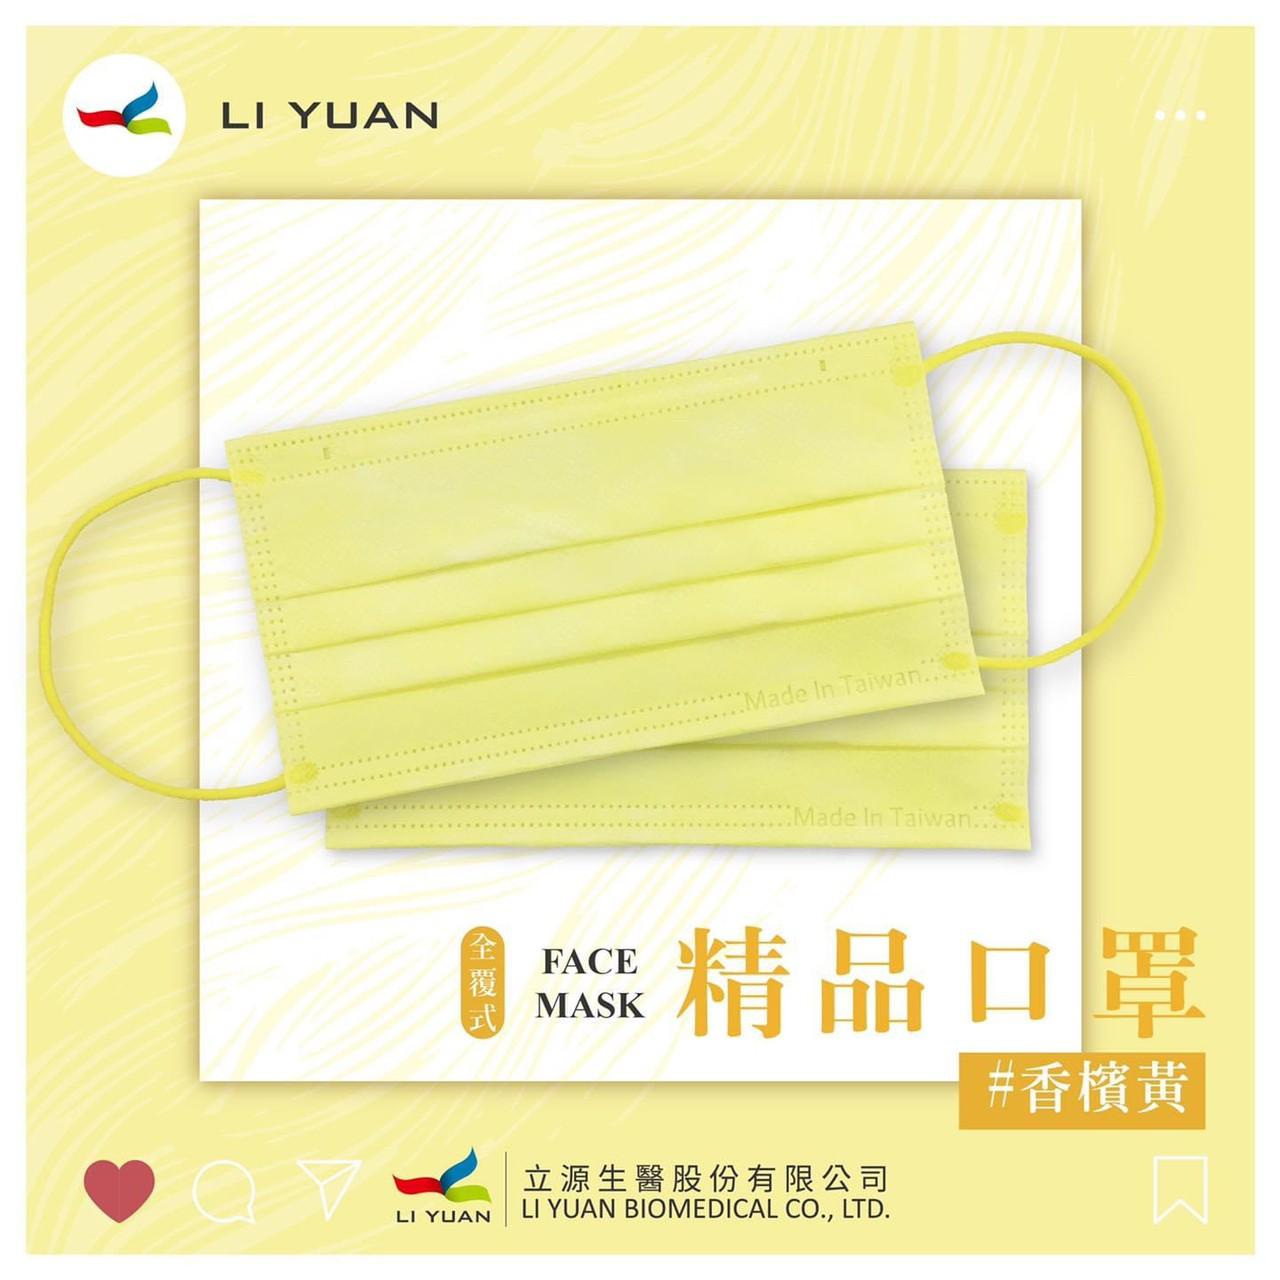 台灣製口罩 造型口罩 香檳黃 黃色 淺黃 鵝黃色 淺色口罩